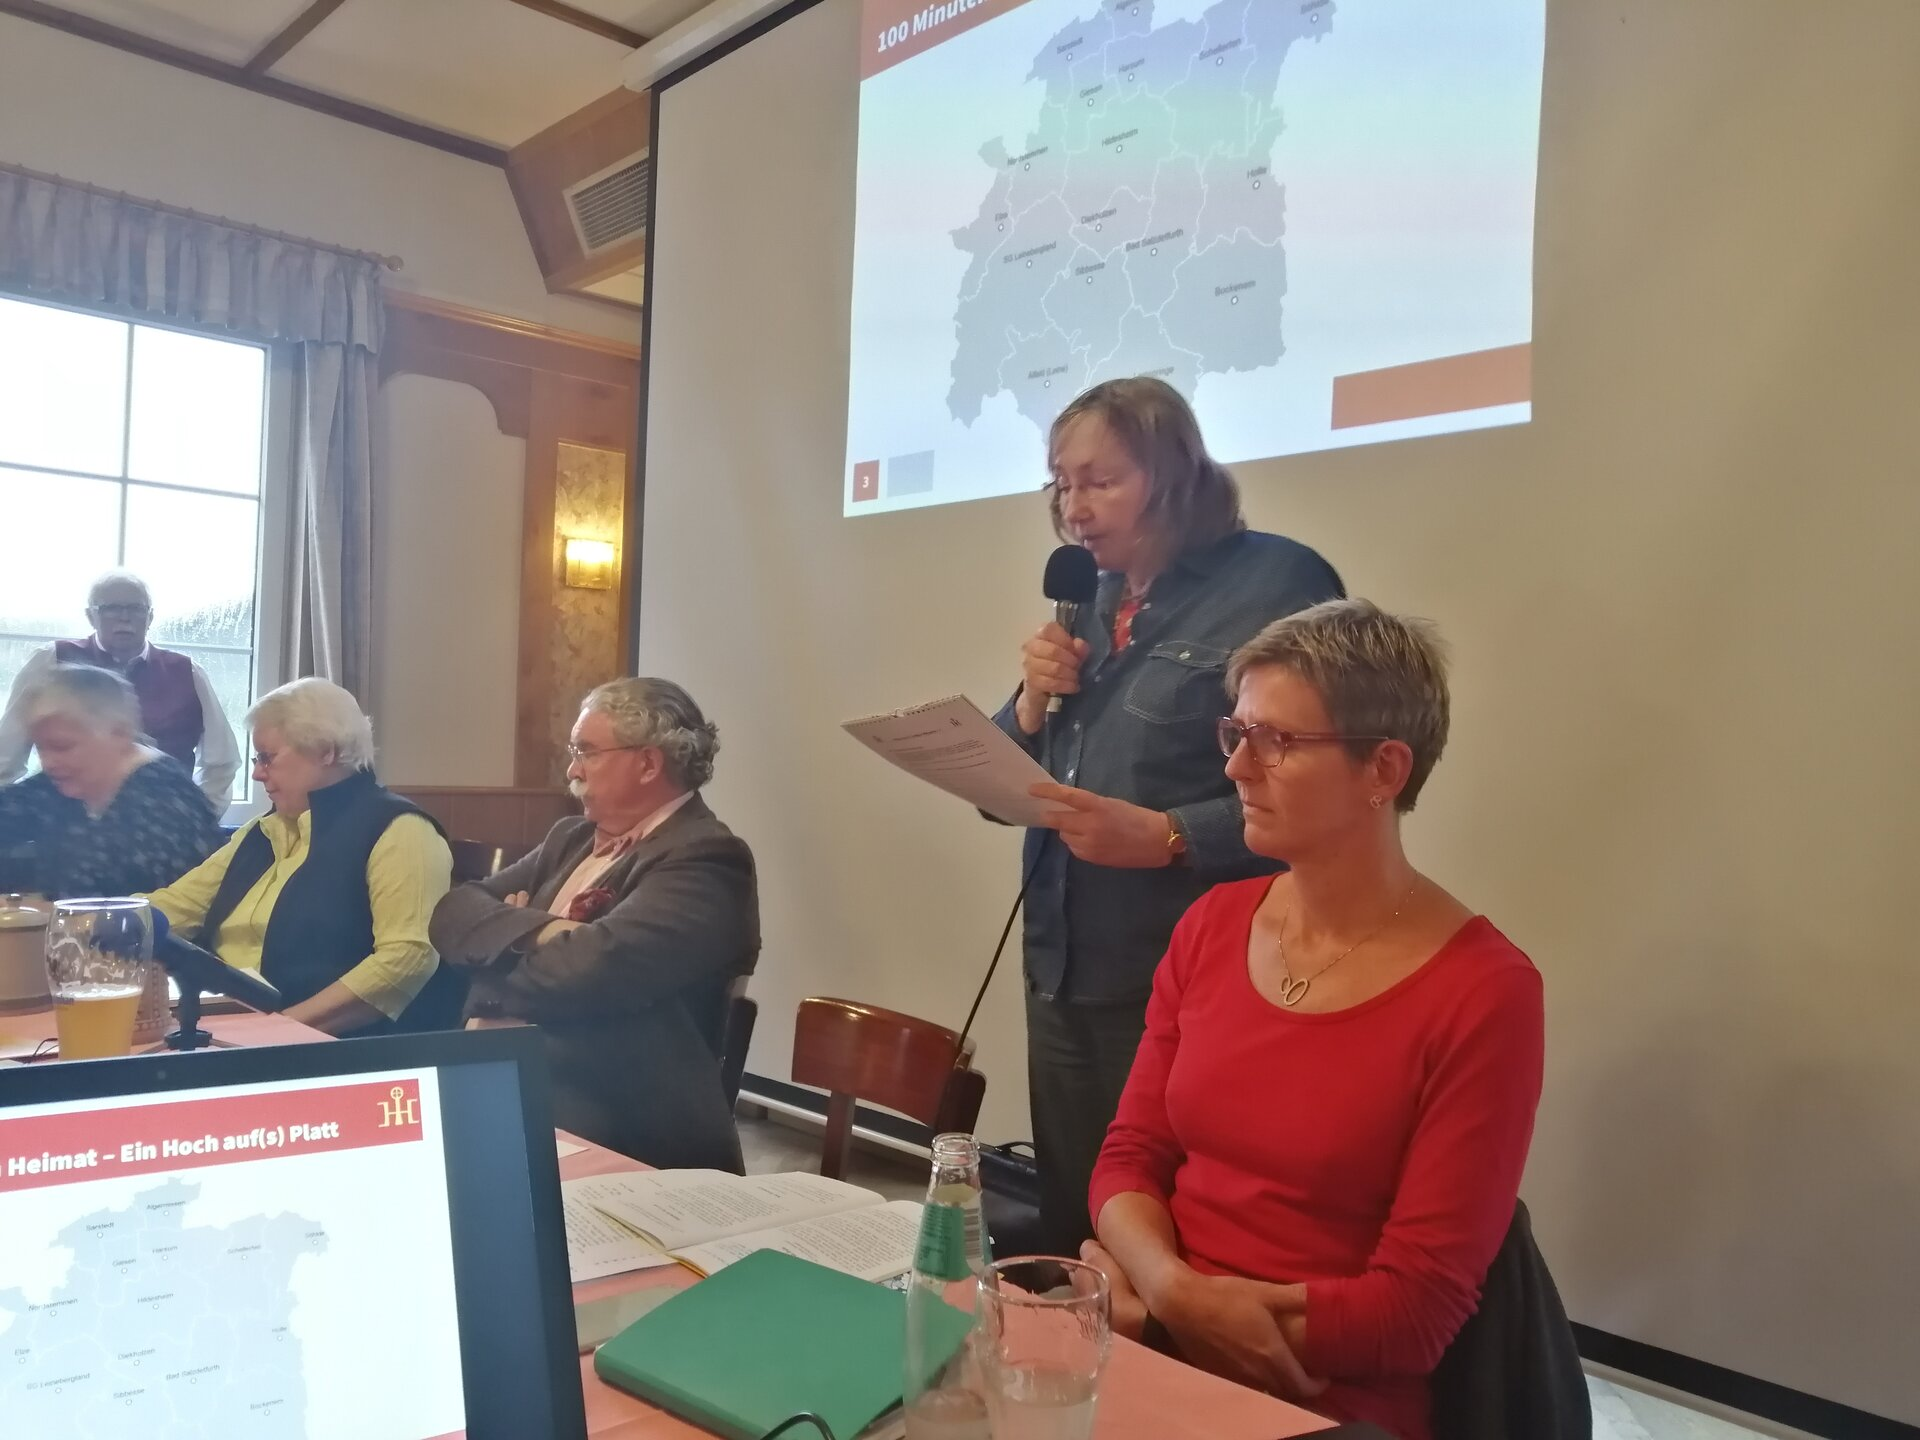 100 Minuten Heimat: Plattdeutsch im Landkreis